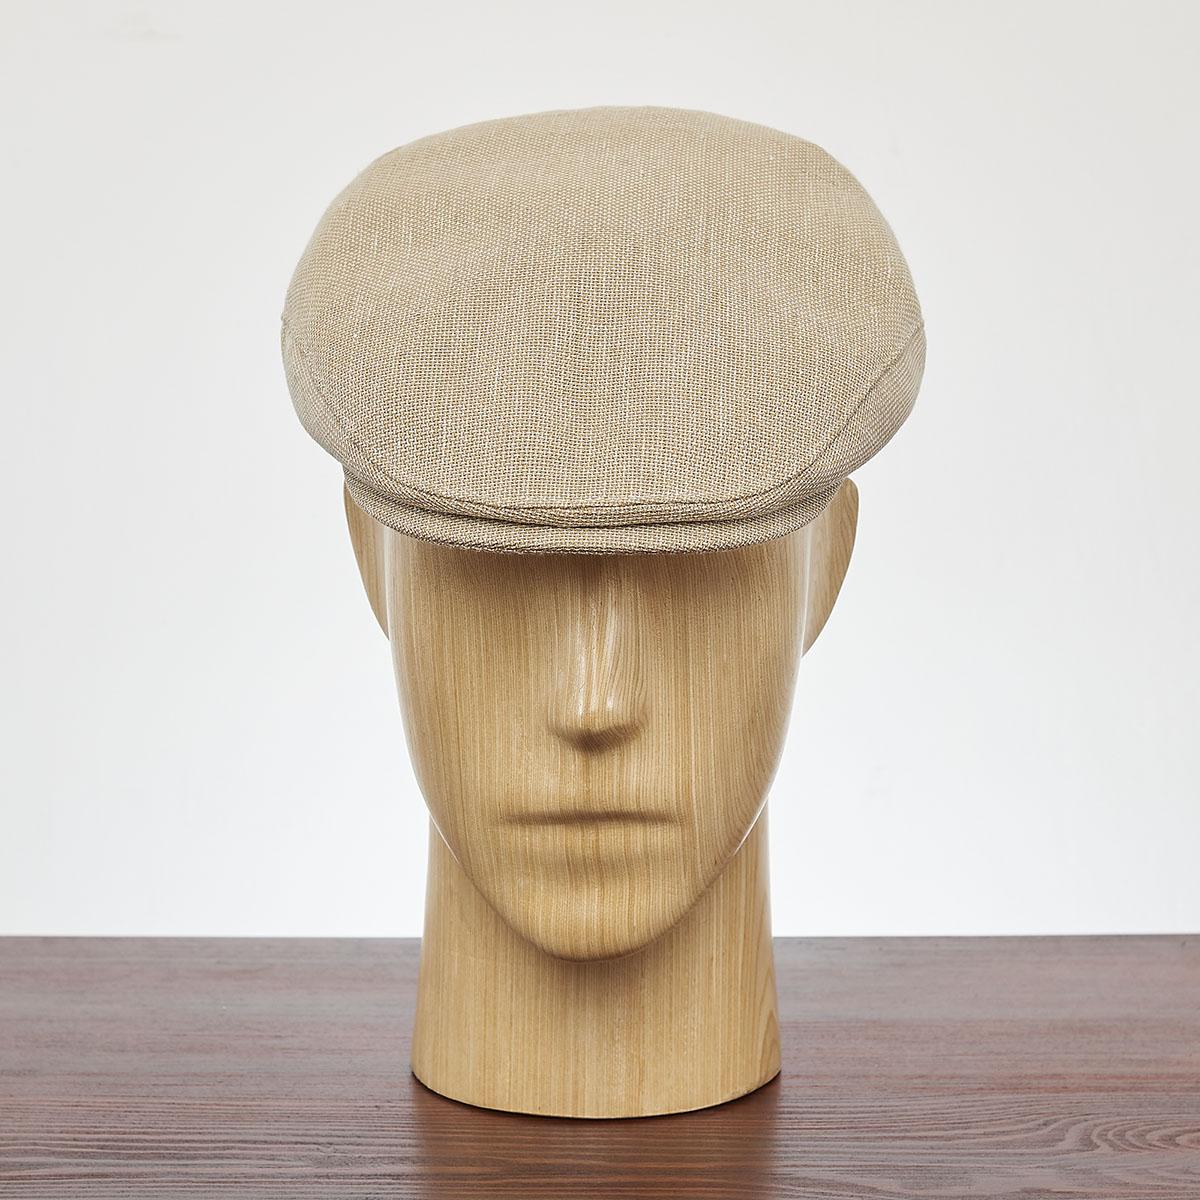 Mens summer flat cap airy lightweight linen cotton ivy league sun hat